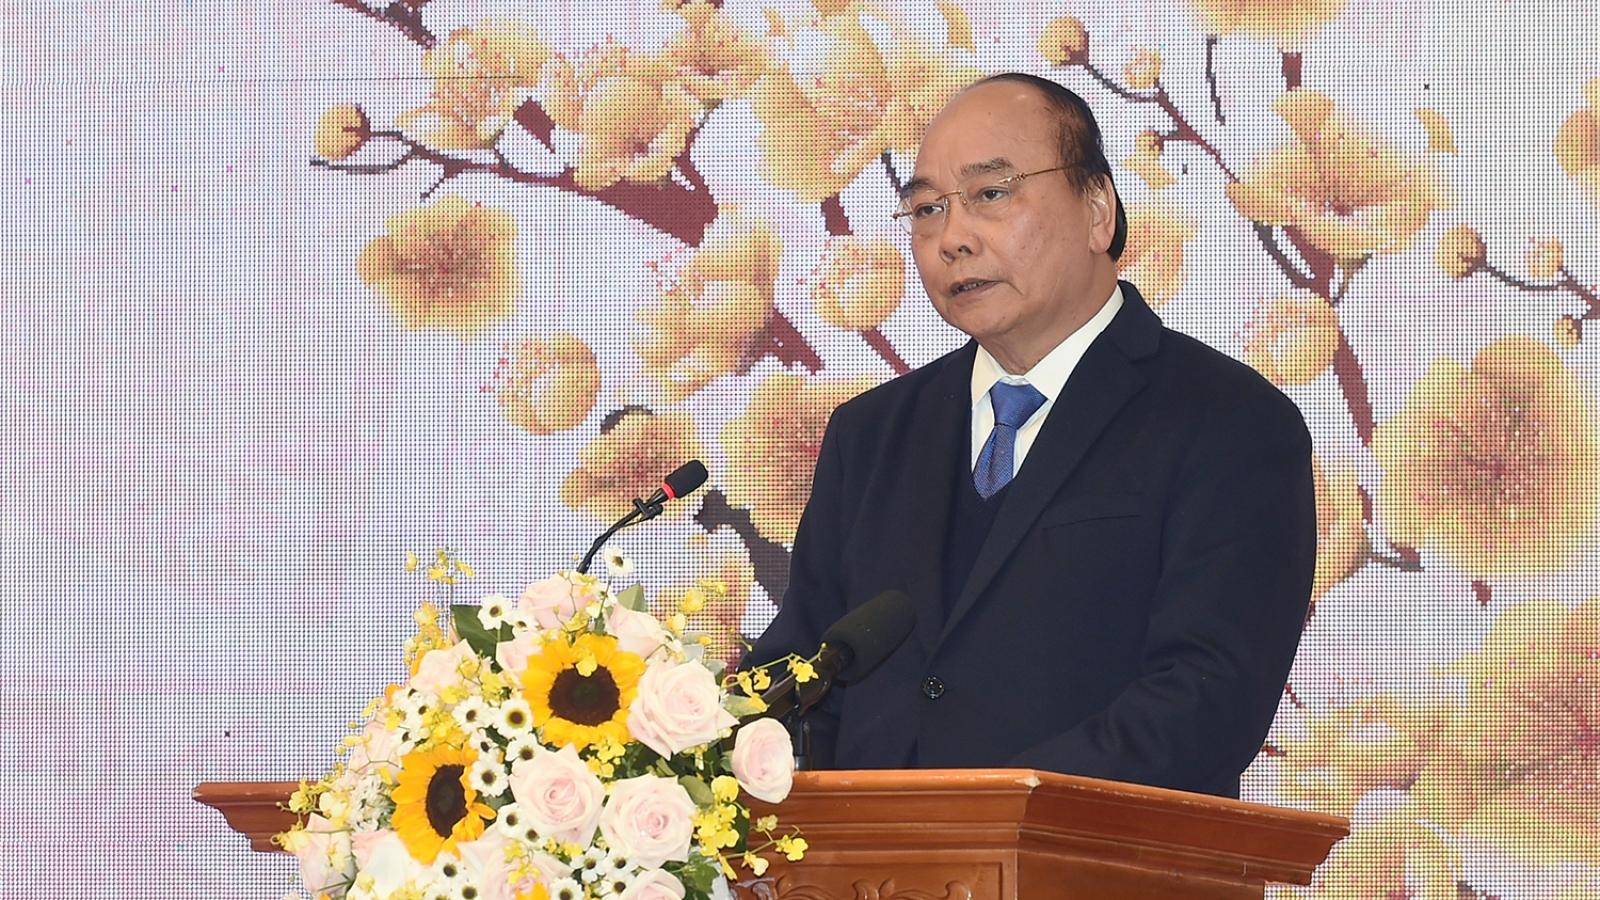 Thủ tướng: Văn phòng Chính phủ phải tạochuyển biến rõ nét về chất lượng tham mưu